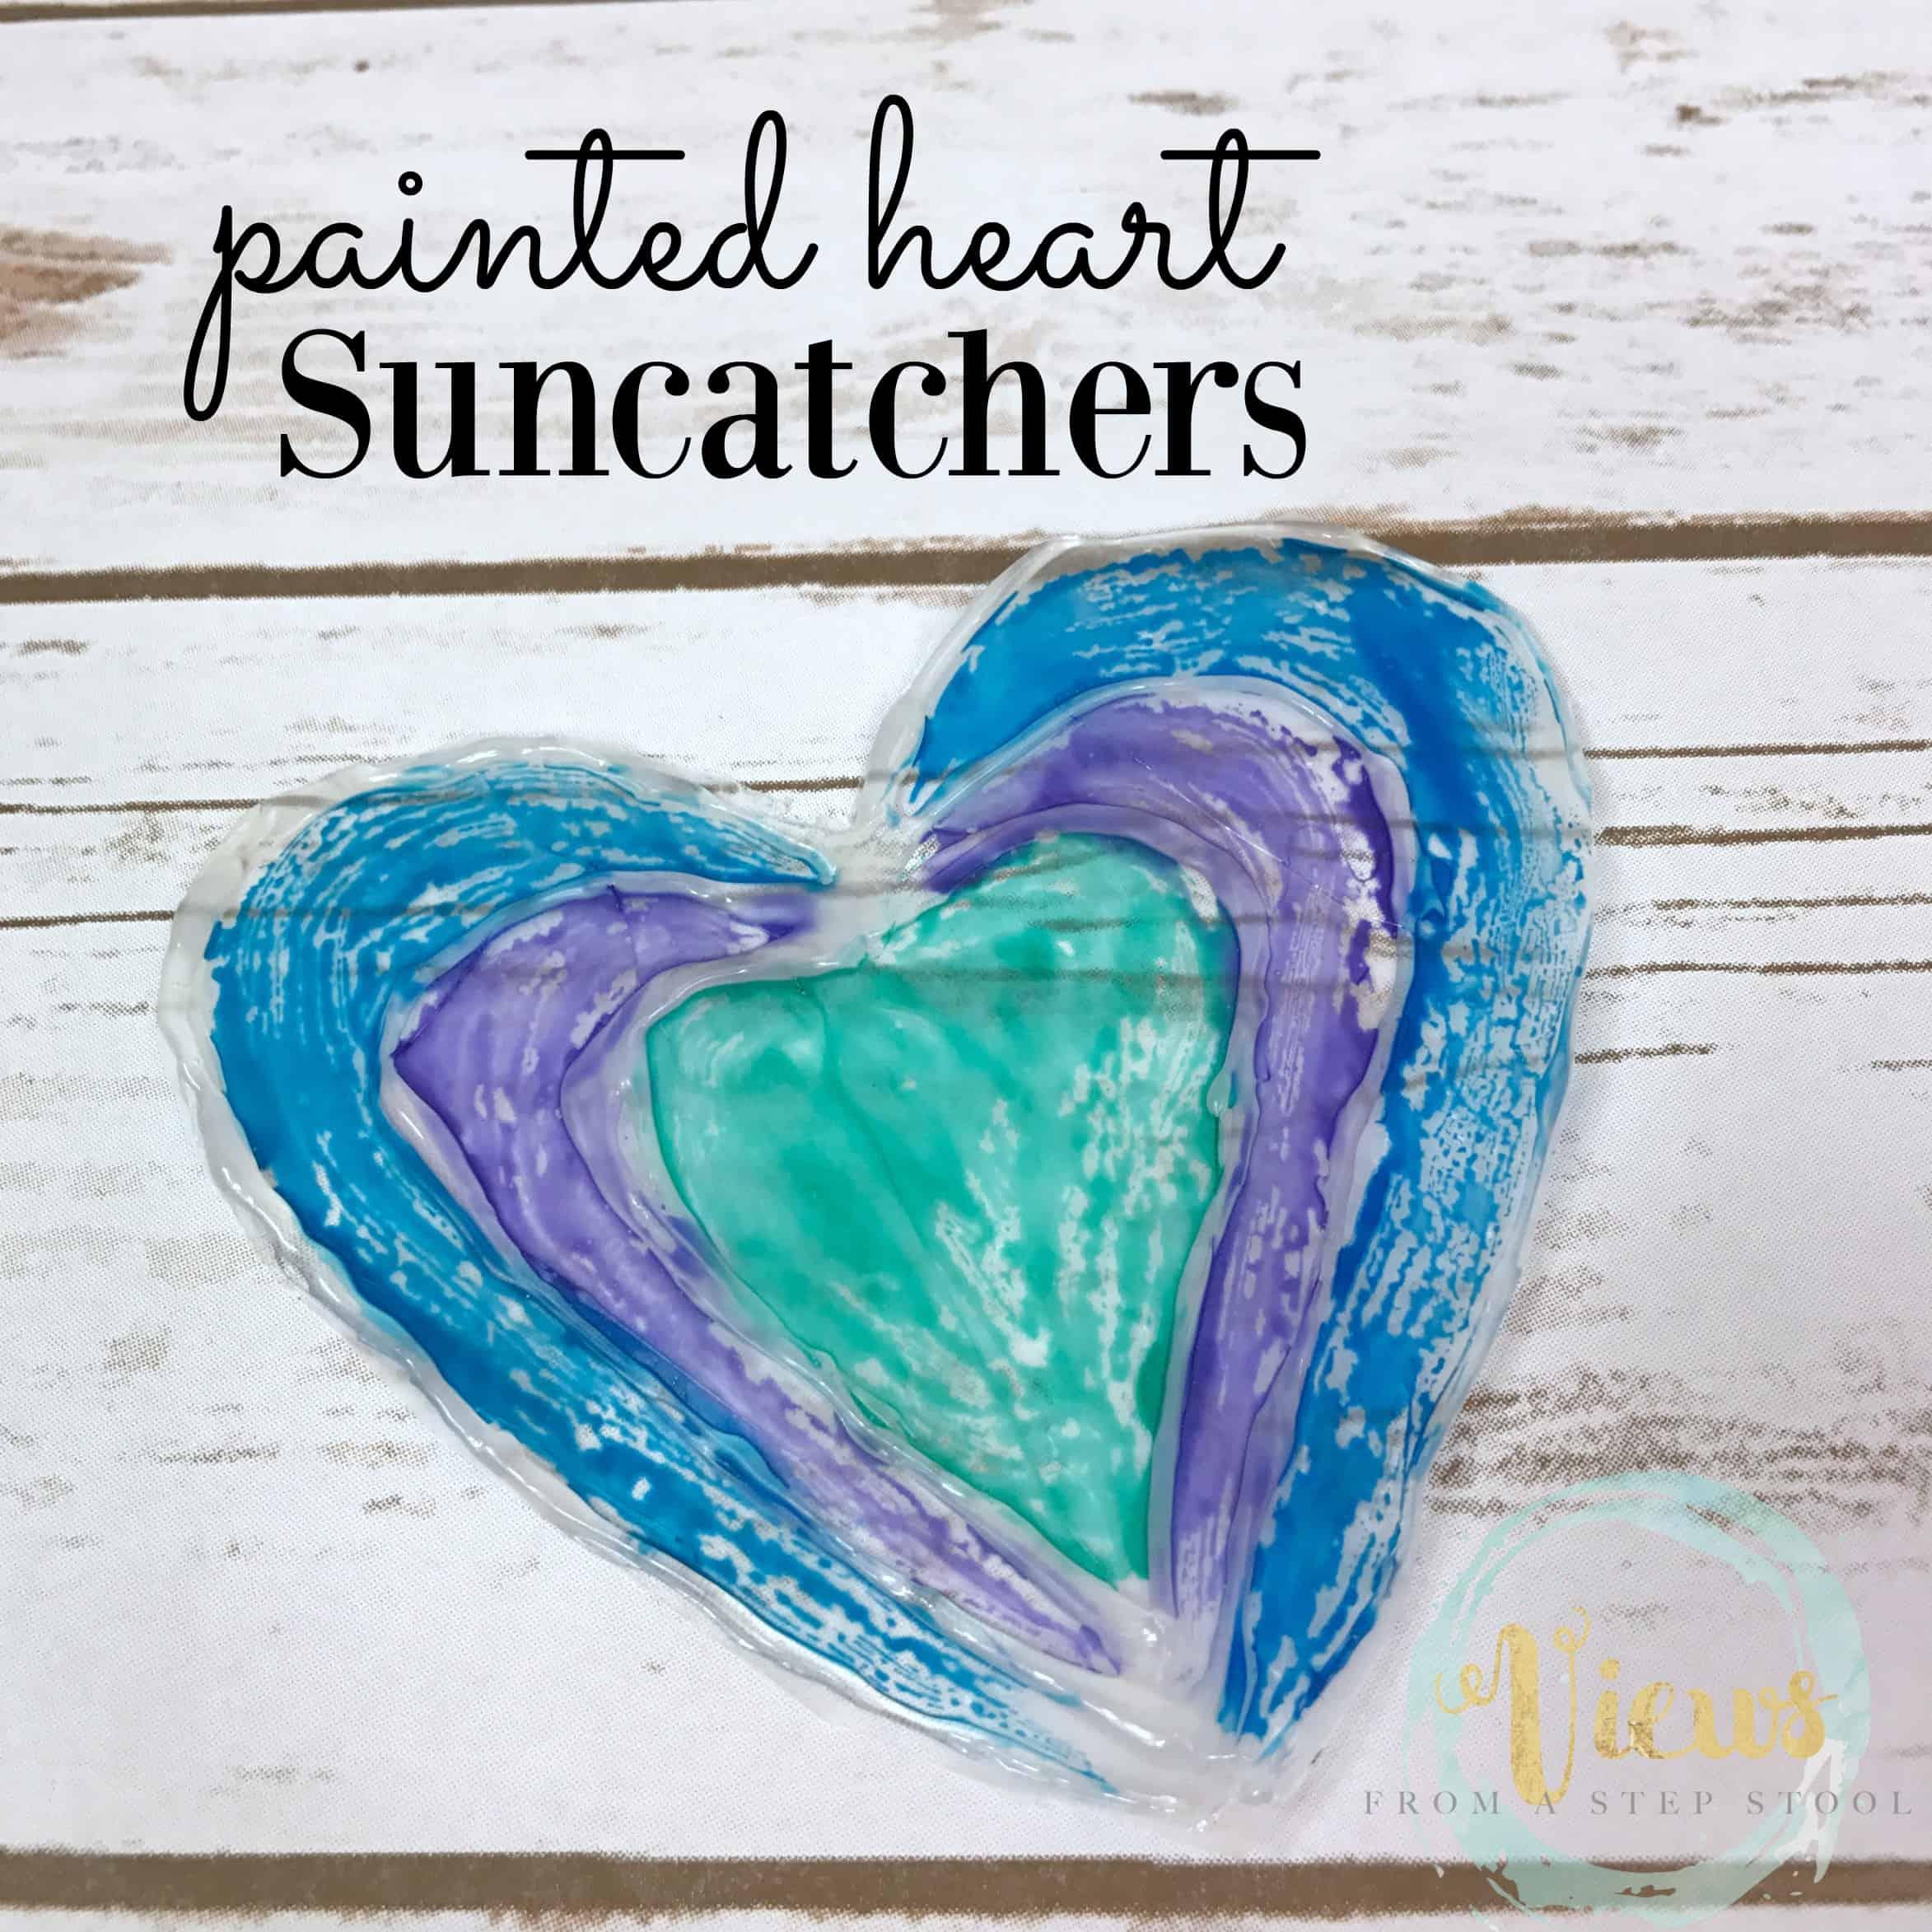 painted heart suncatchers square